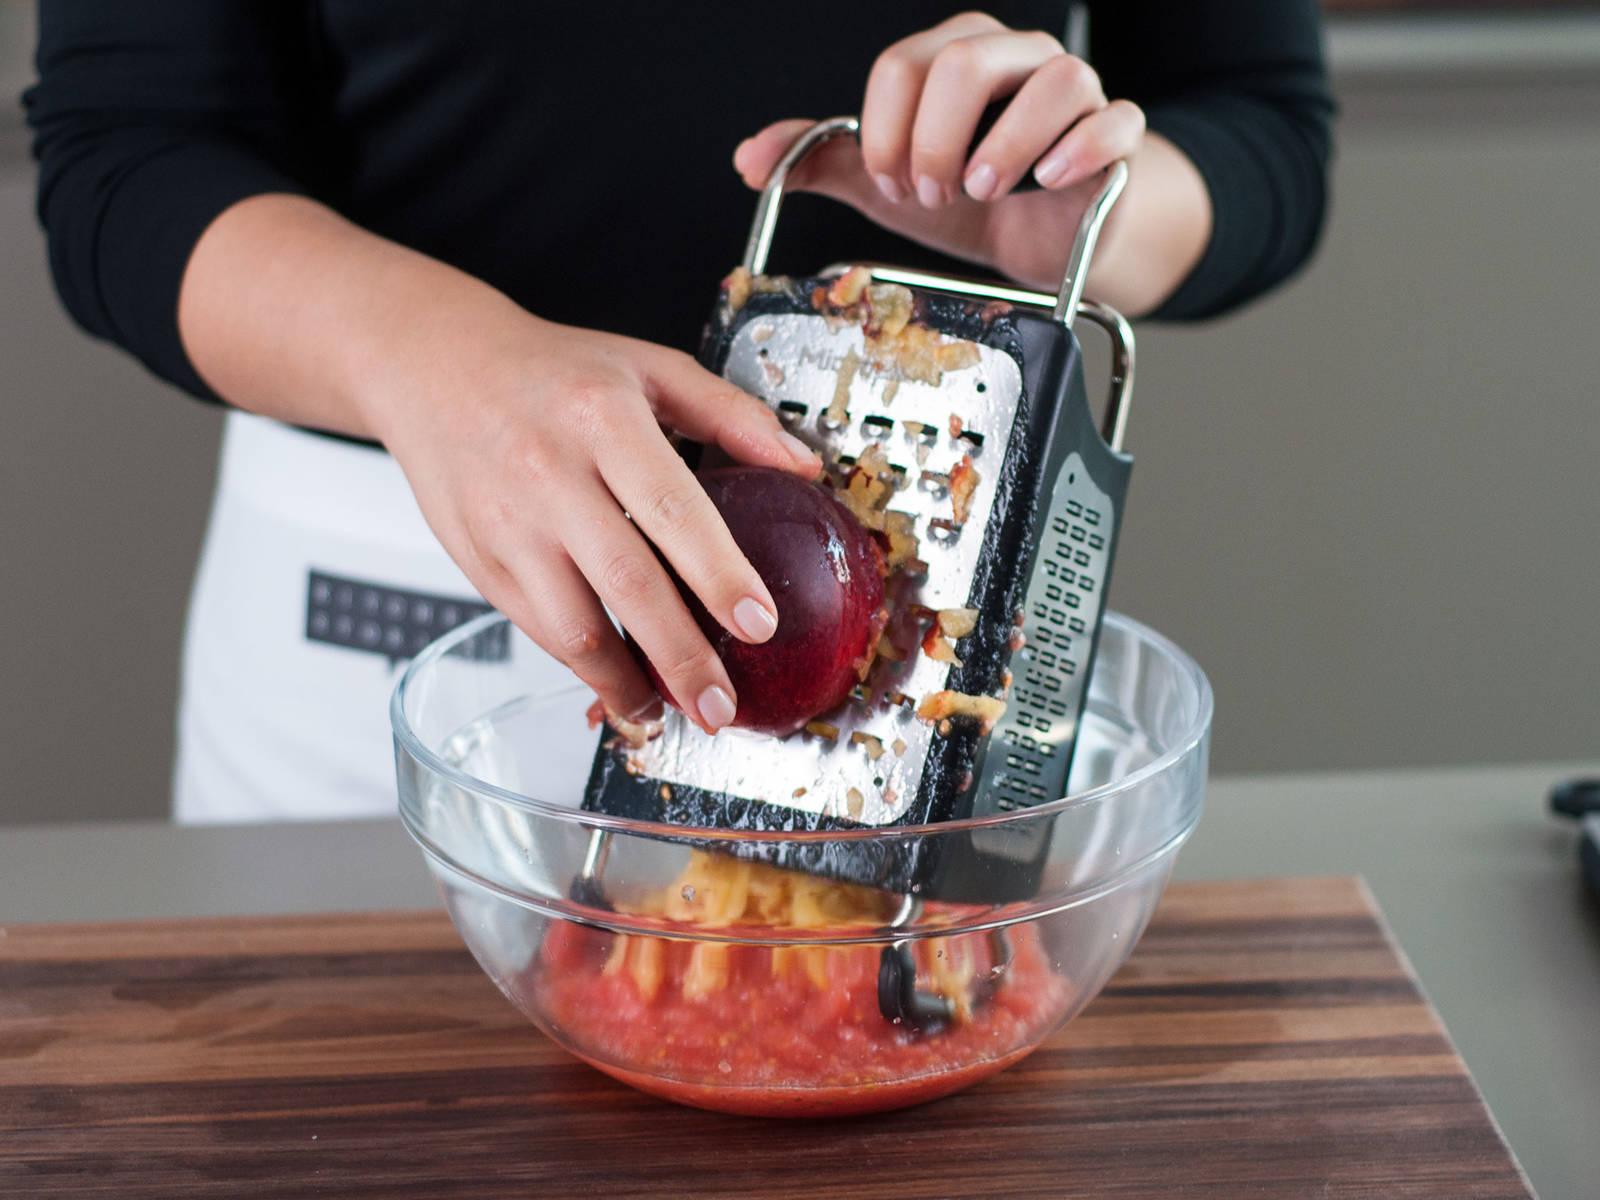 将油桃去核后同样擦入小碗中,用盐与胡椒粉调味,制成番茄油桃酱。